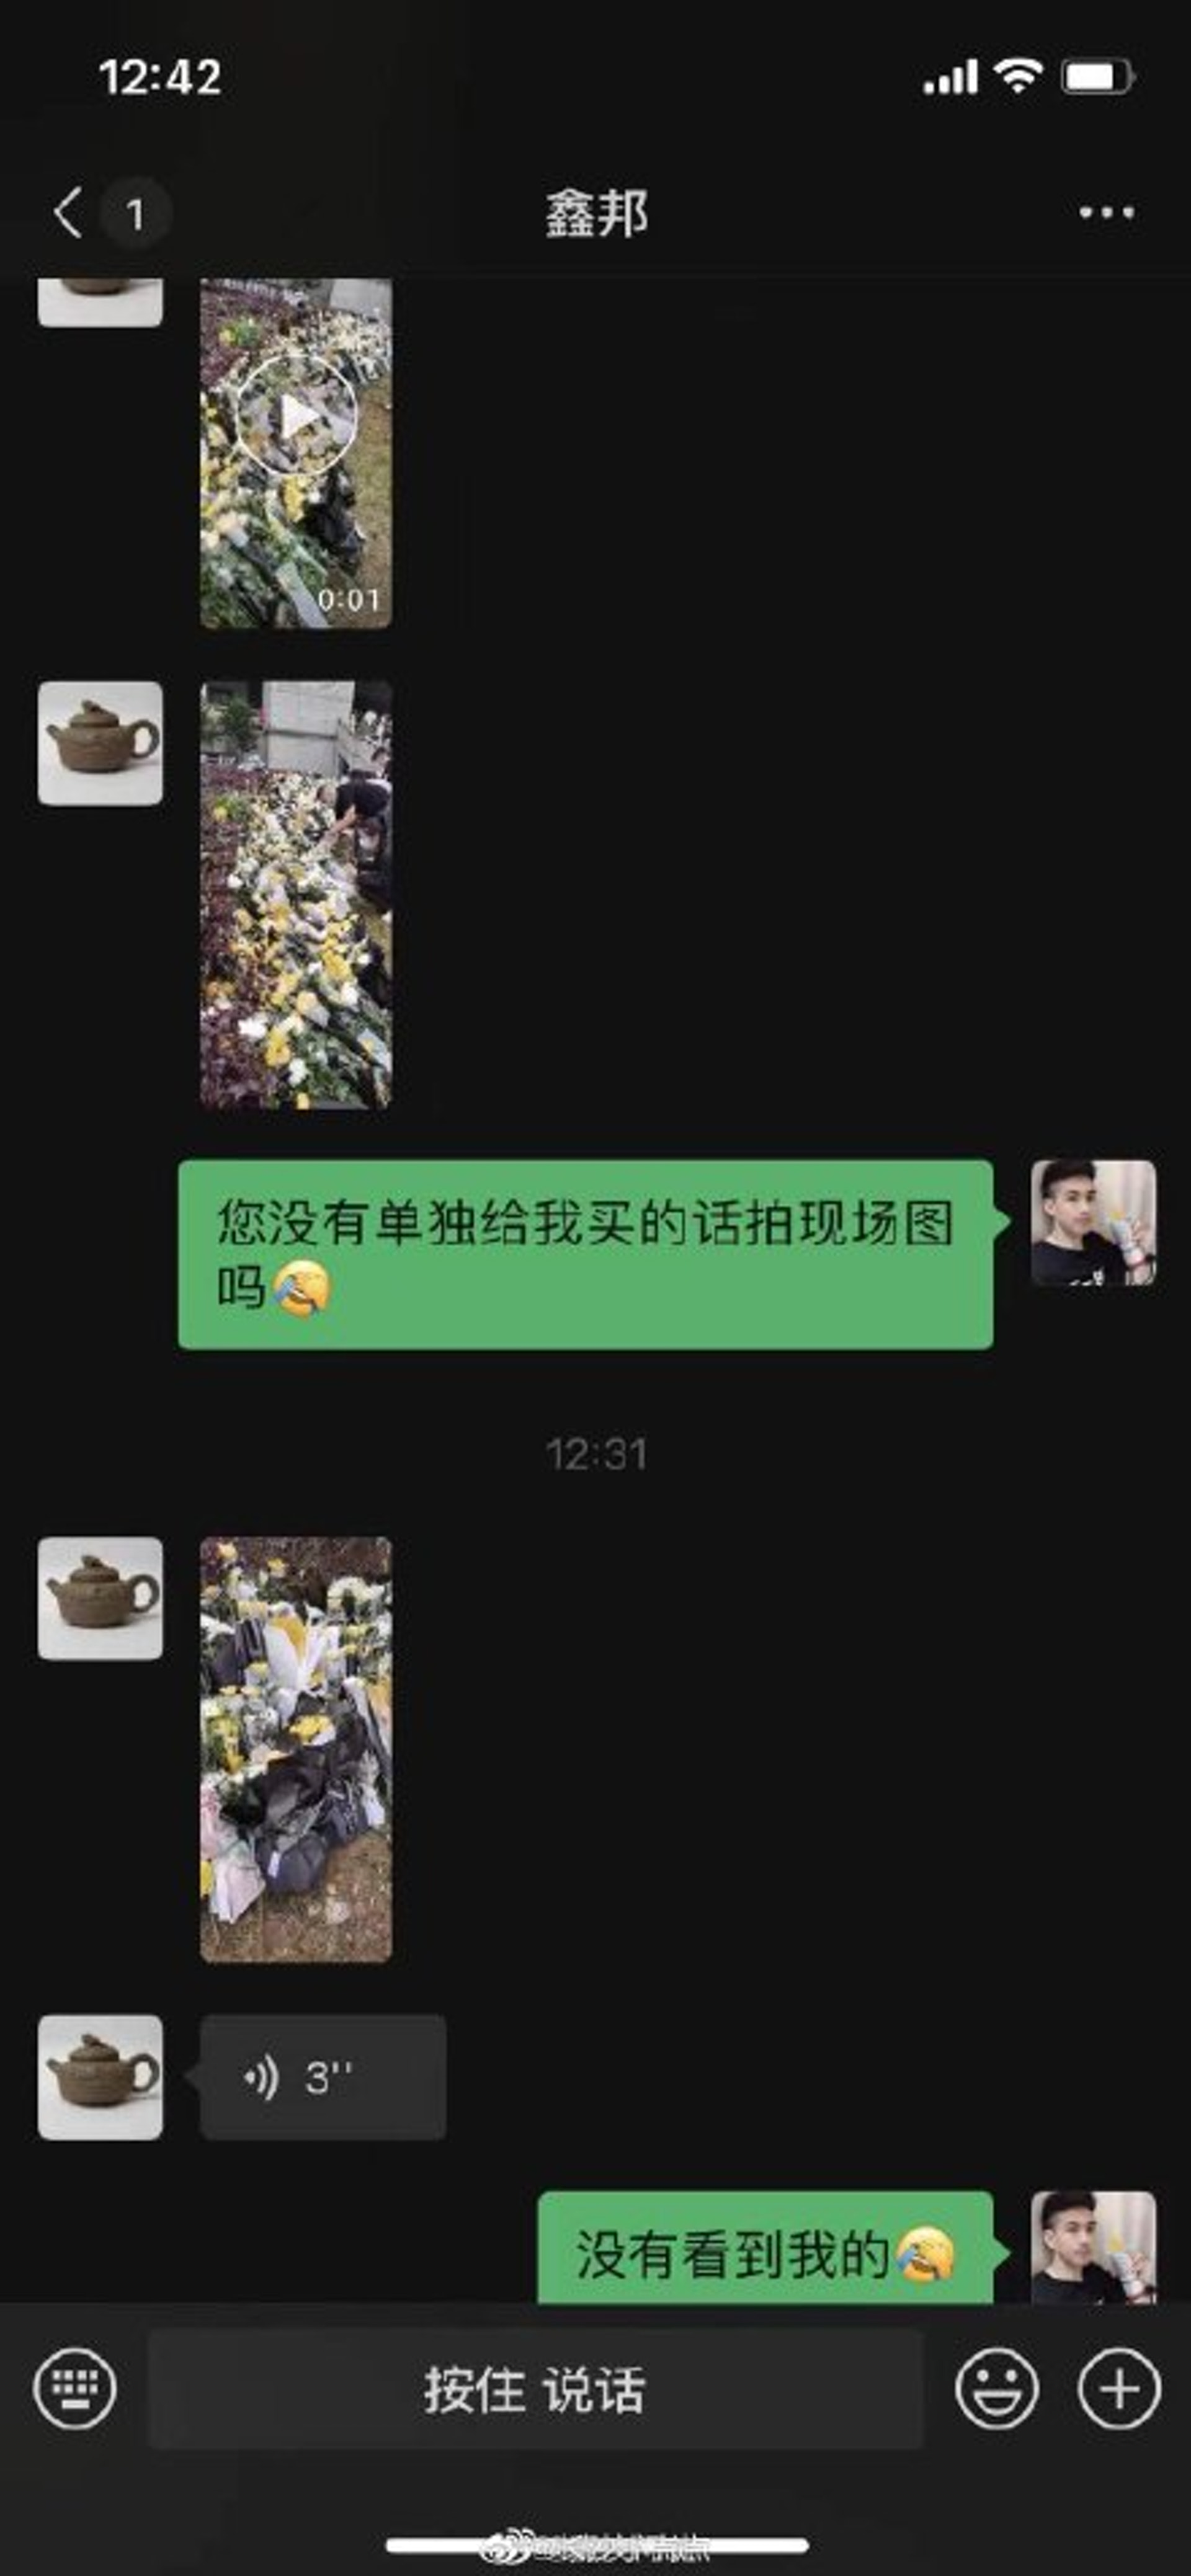 網民要求店家發送殯儀館現場的鮮花照片。(微博)